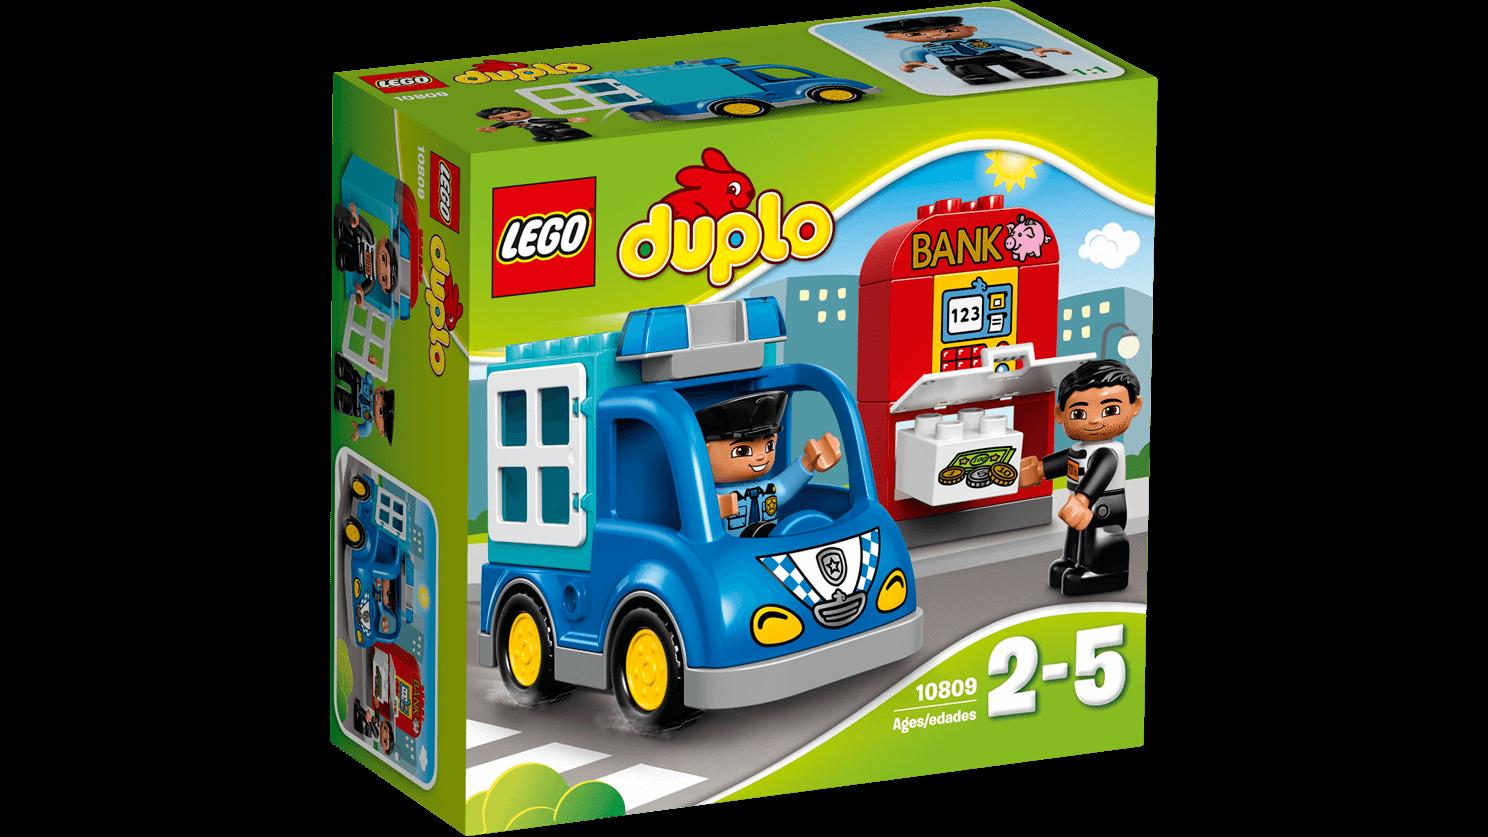 Lego duplo - politipatrulje, 2 stk. på lager fra Lego duplo på pixizoo